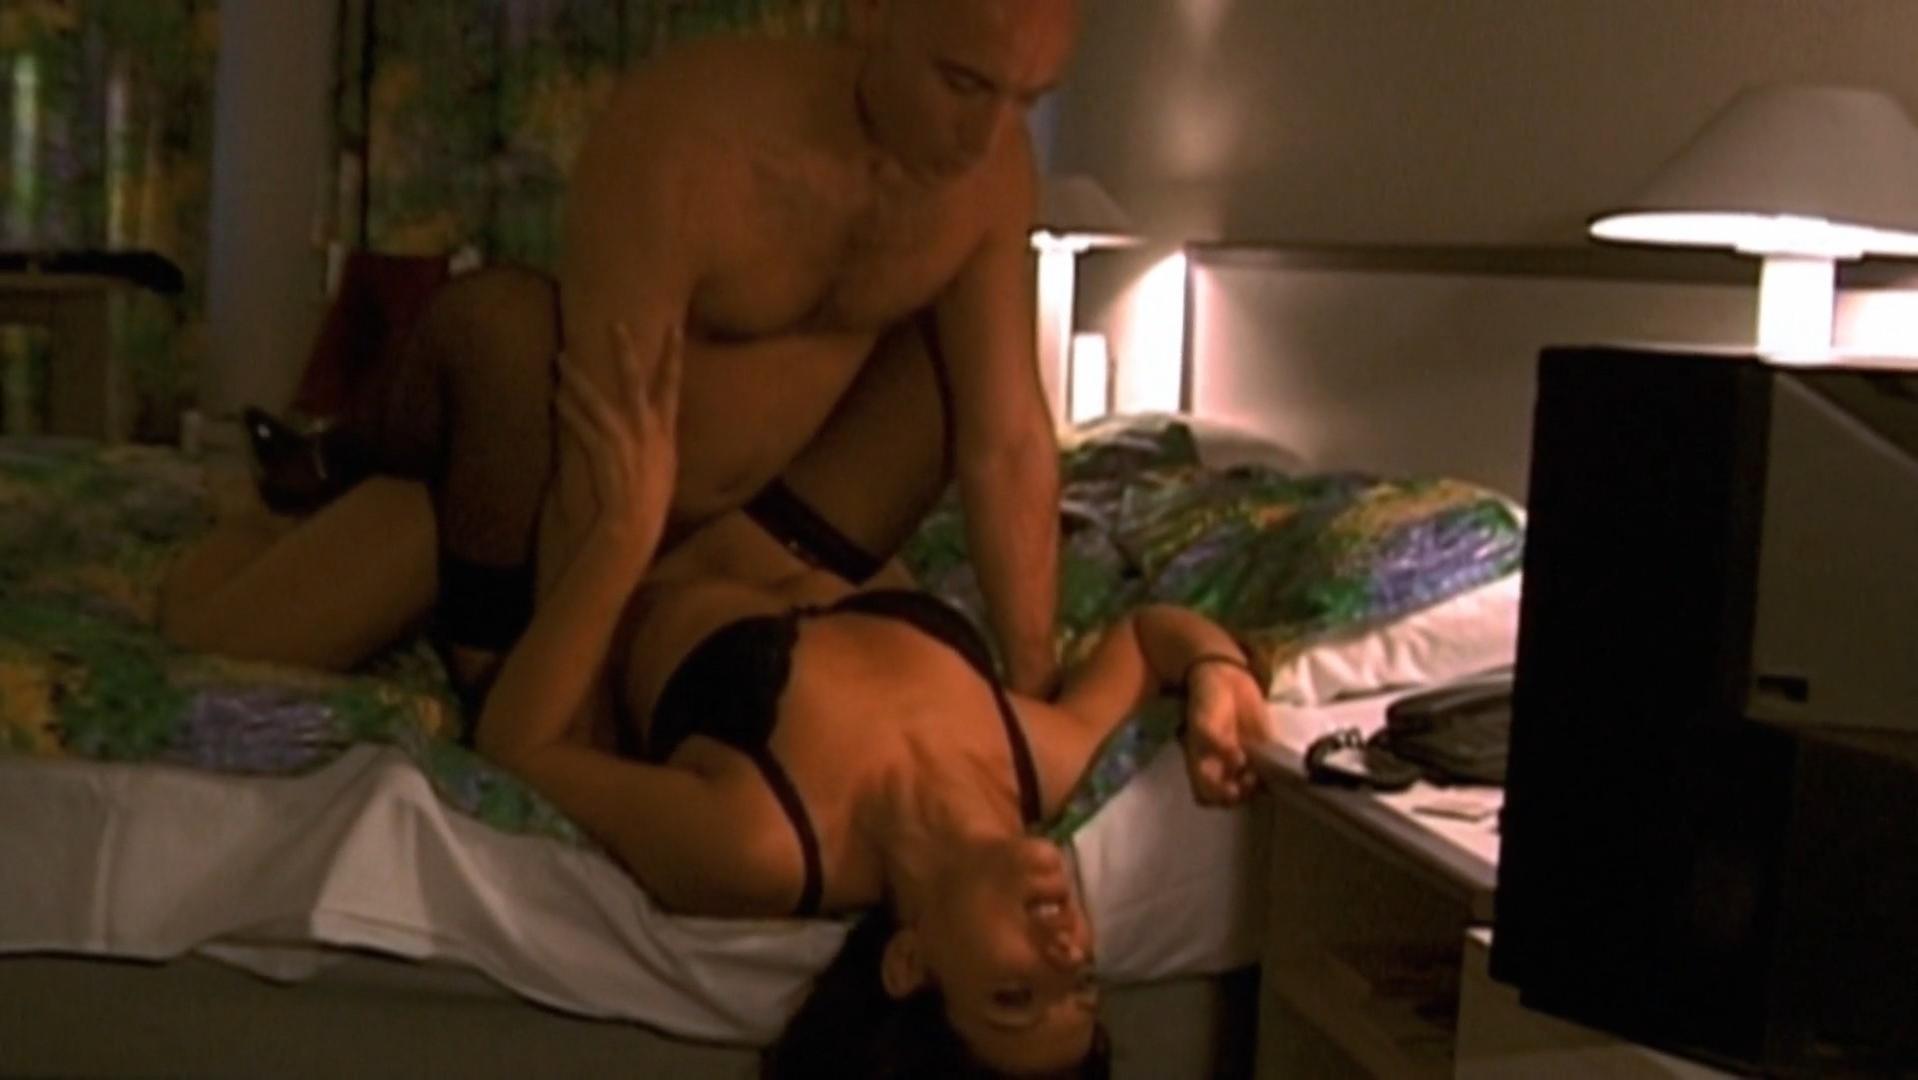 Baise moi sex scenes